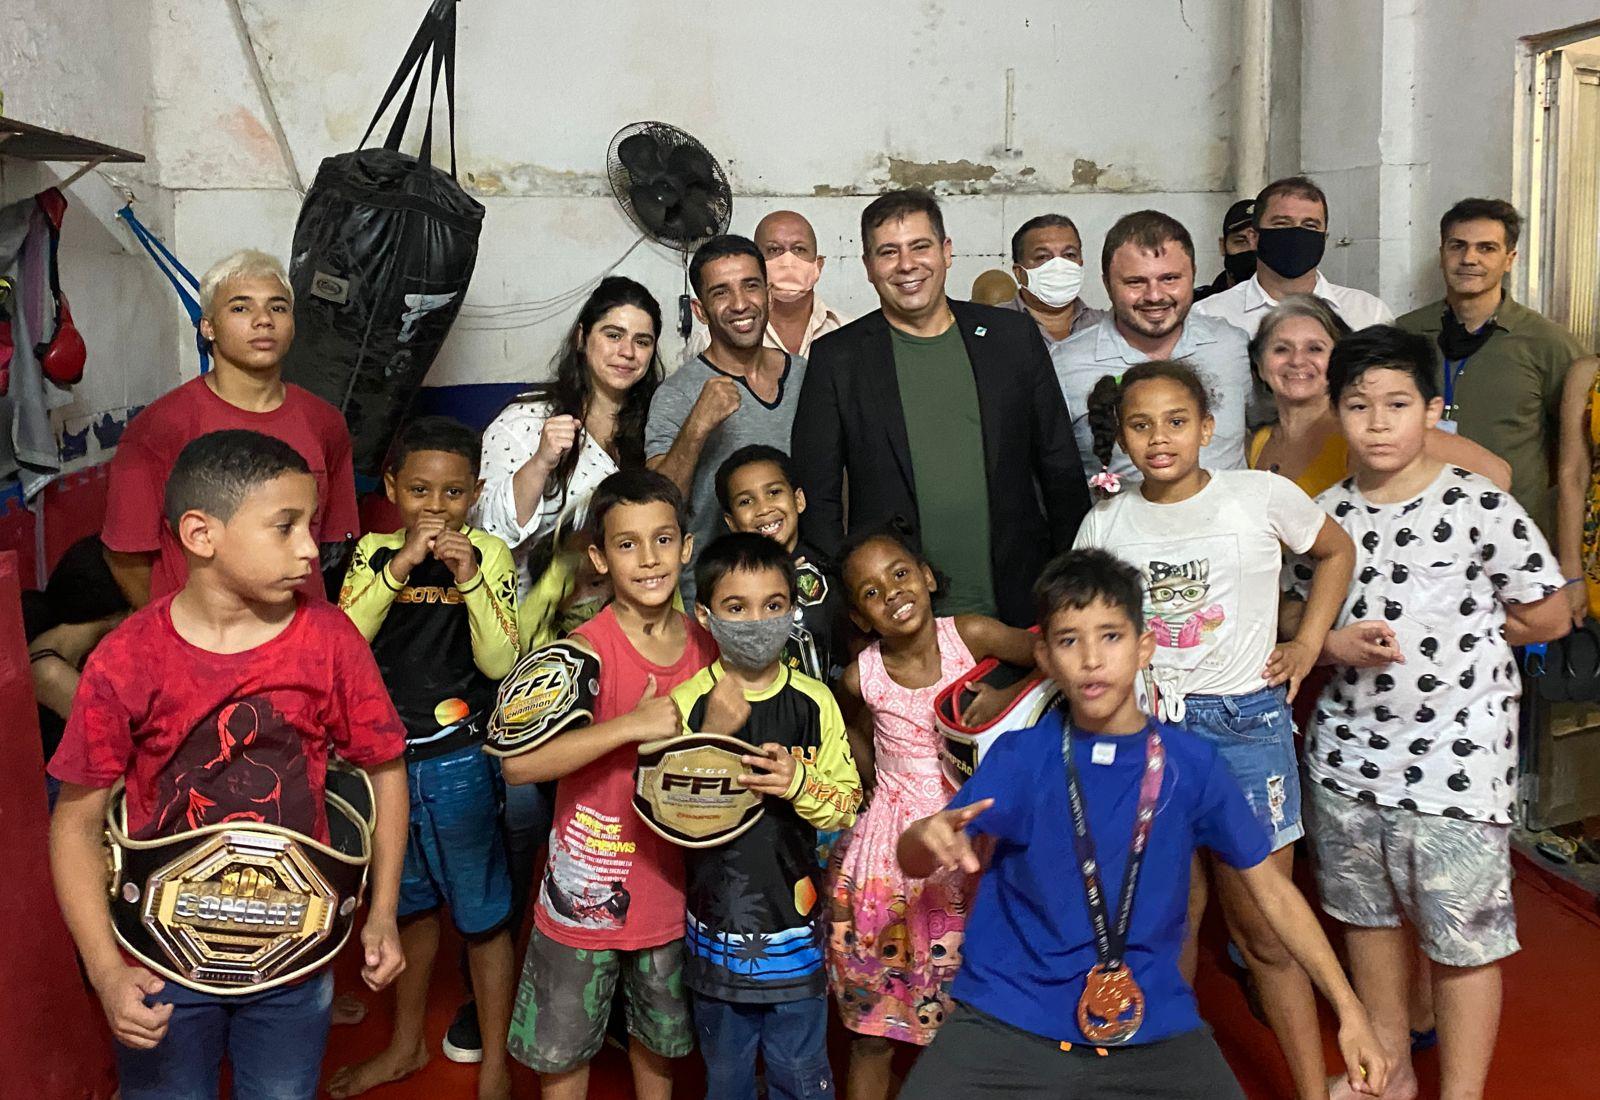 Foto: Governo do Estado do Rio de Janeiro/Divulgação.